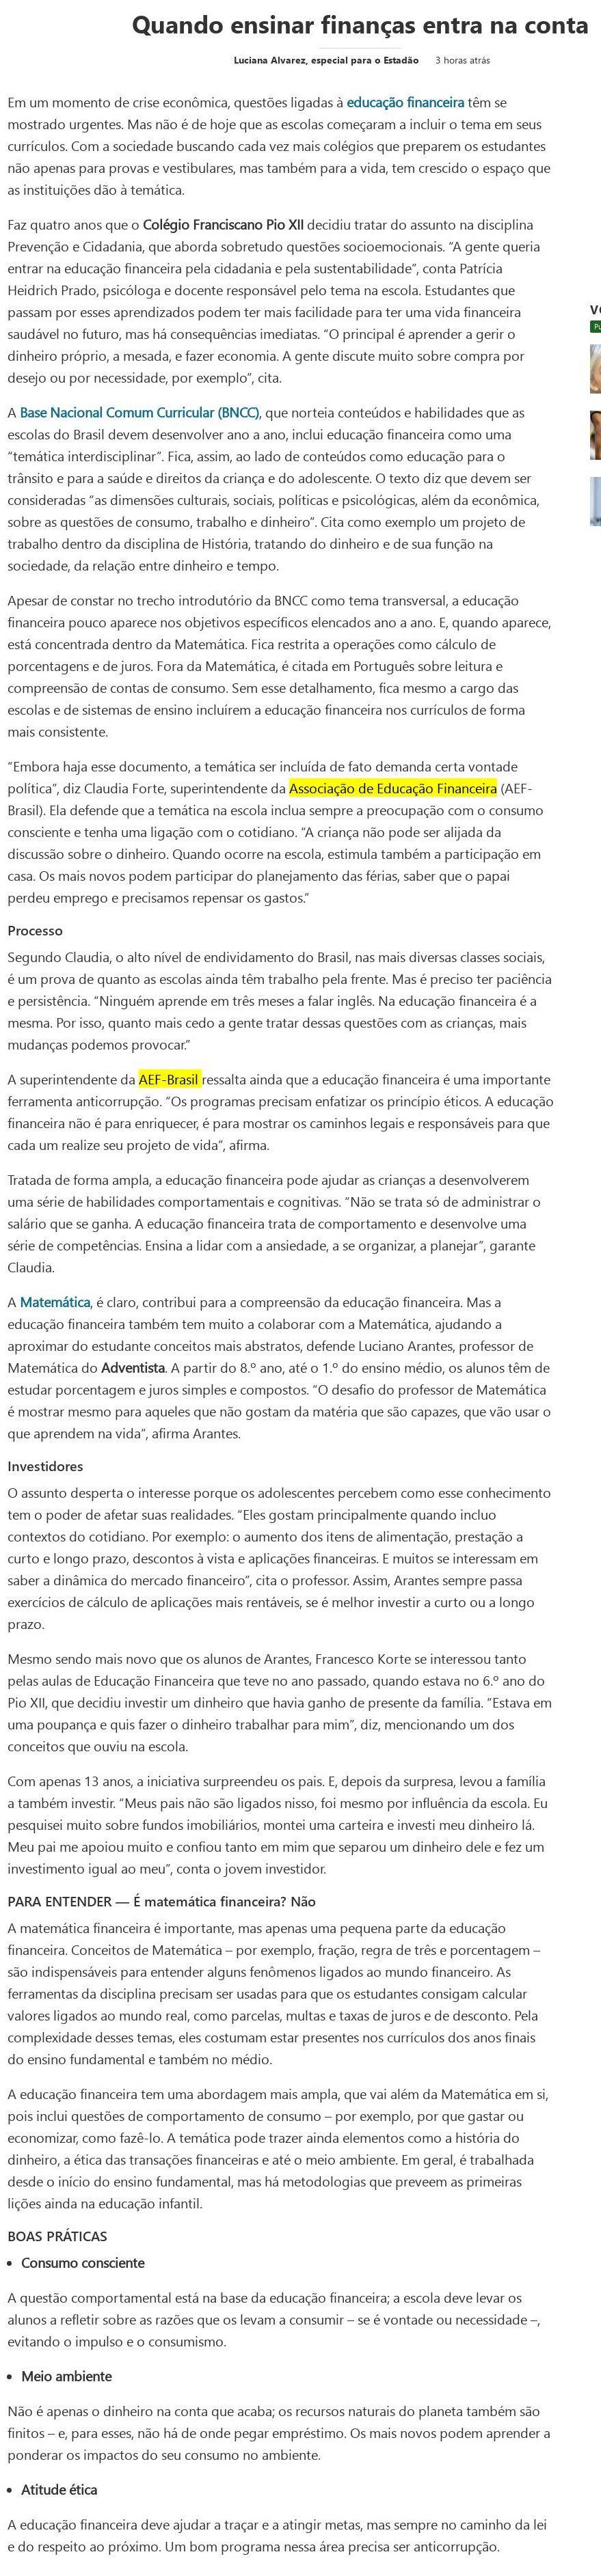 Quando ensinar finanças entra na conta - MSN Brasil